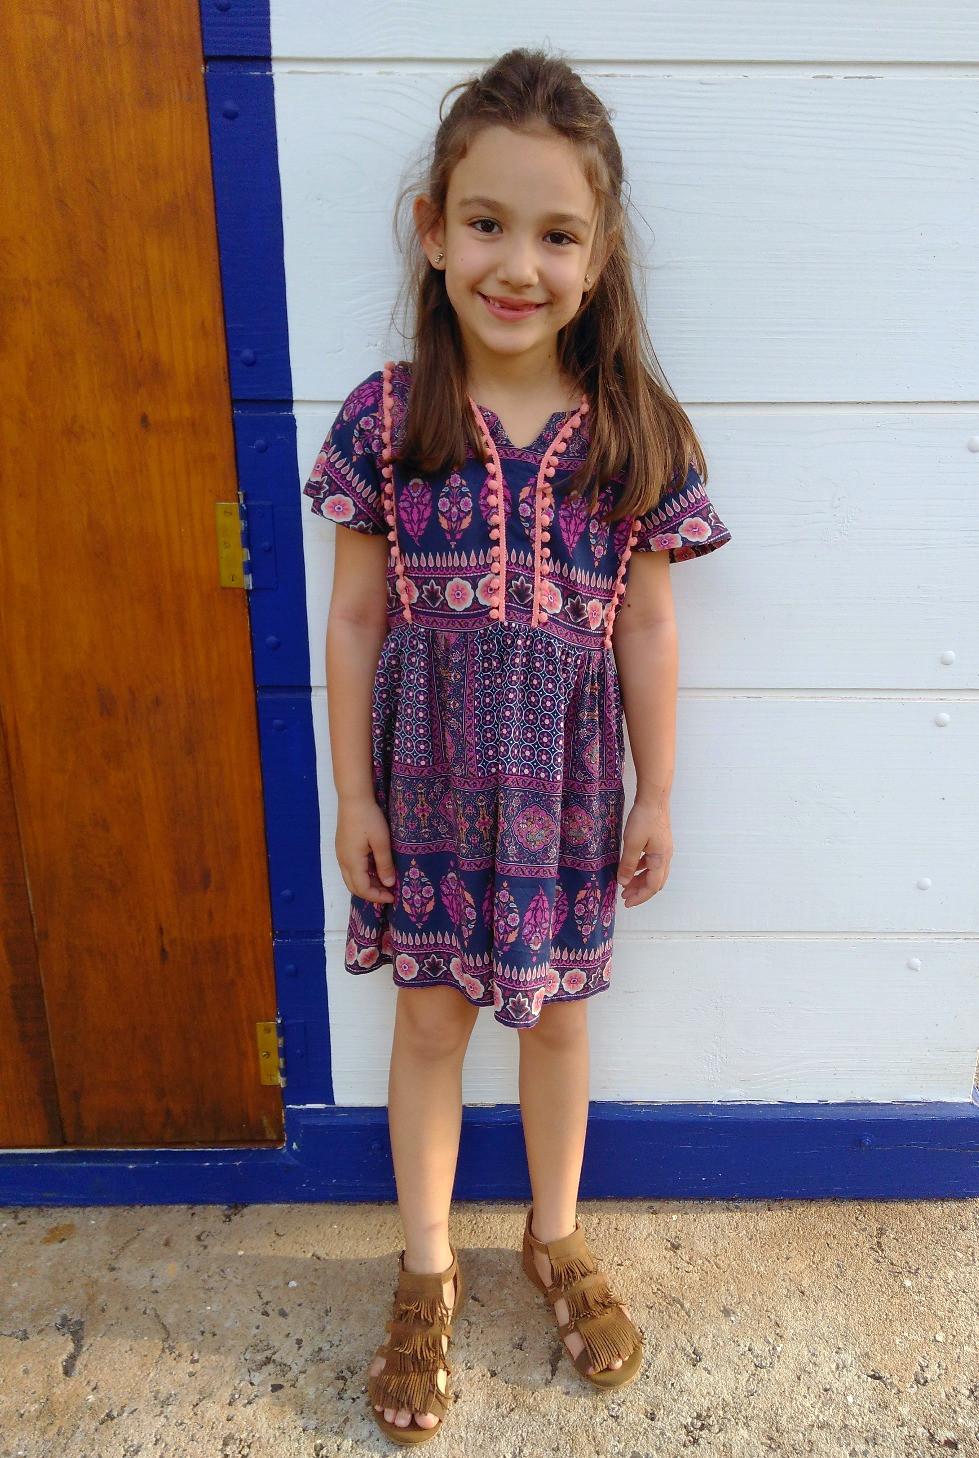 minha afilhada com  vestido Hippie Chic da Alícia